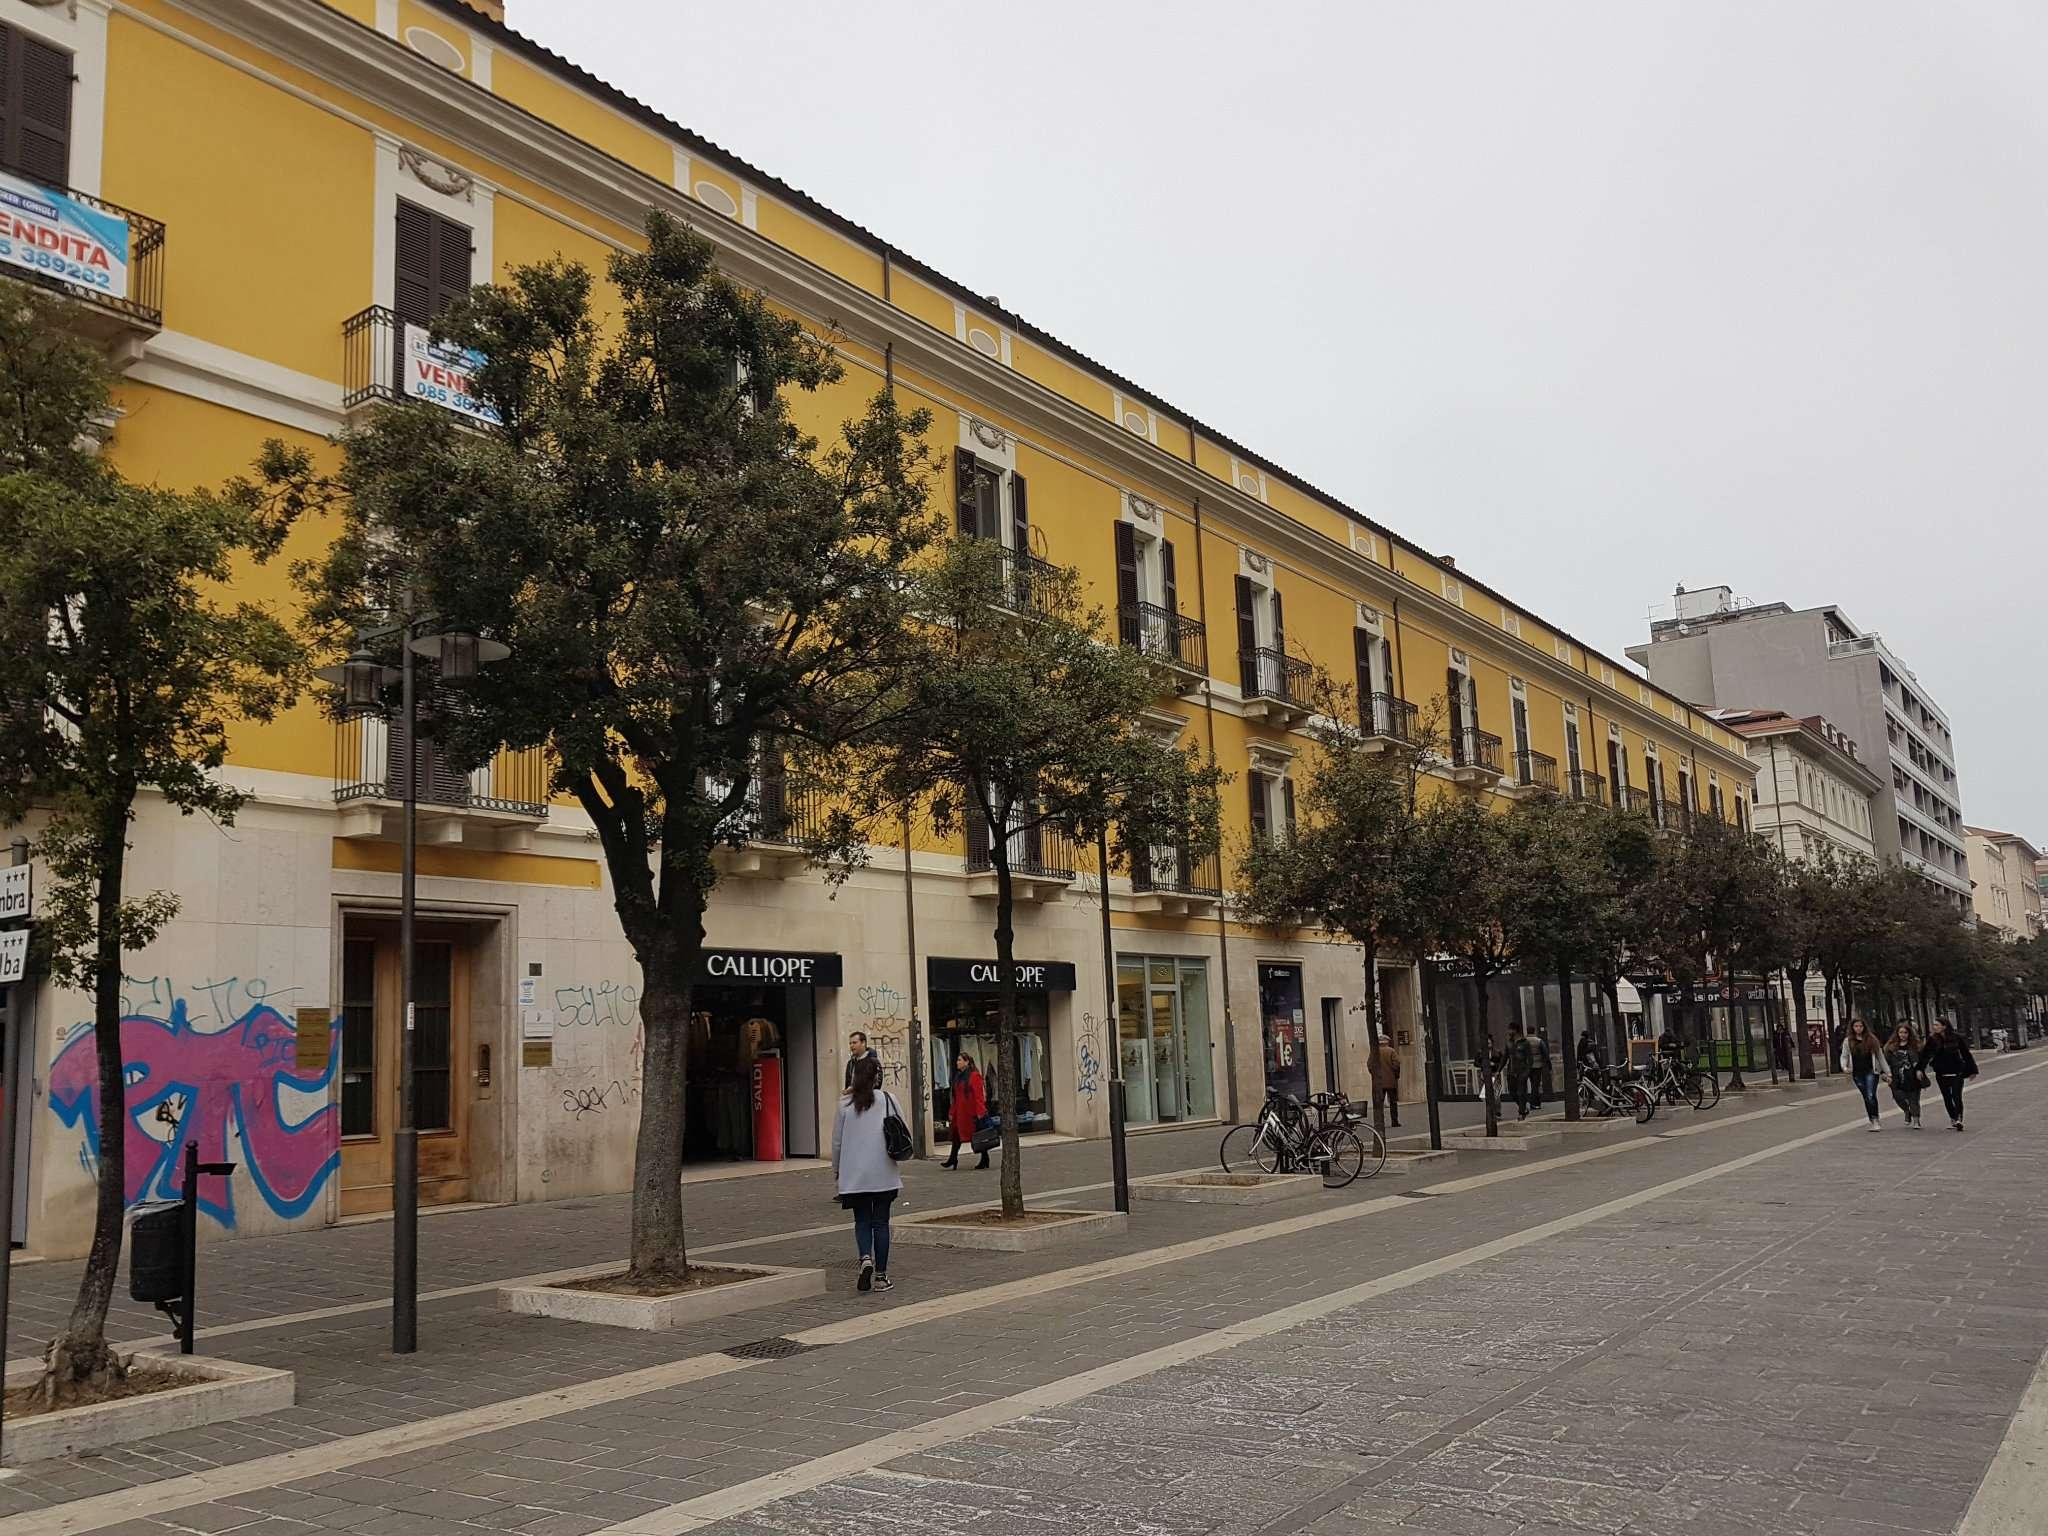 Attico / Mansarda in affitto a Pescara, 4 locali, prezzo € 650 | CambioCasa.it